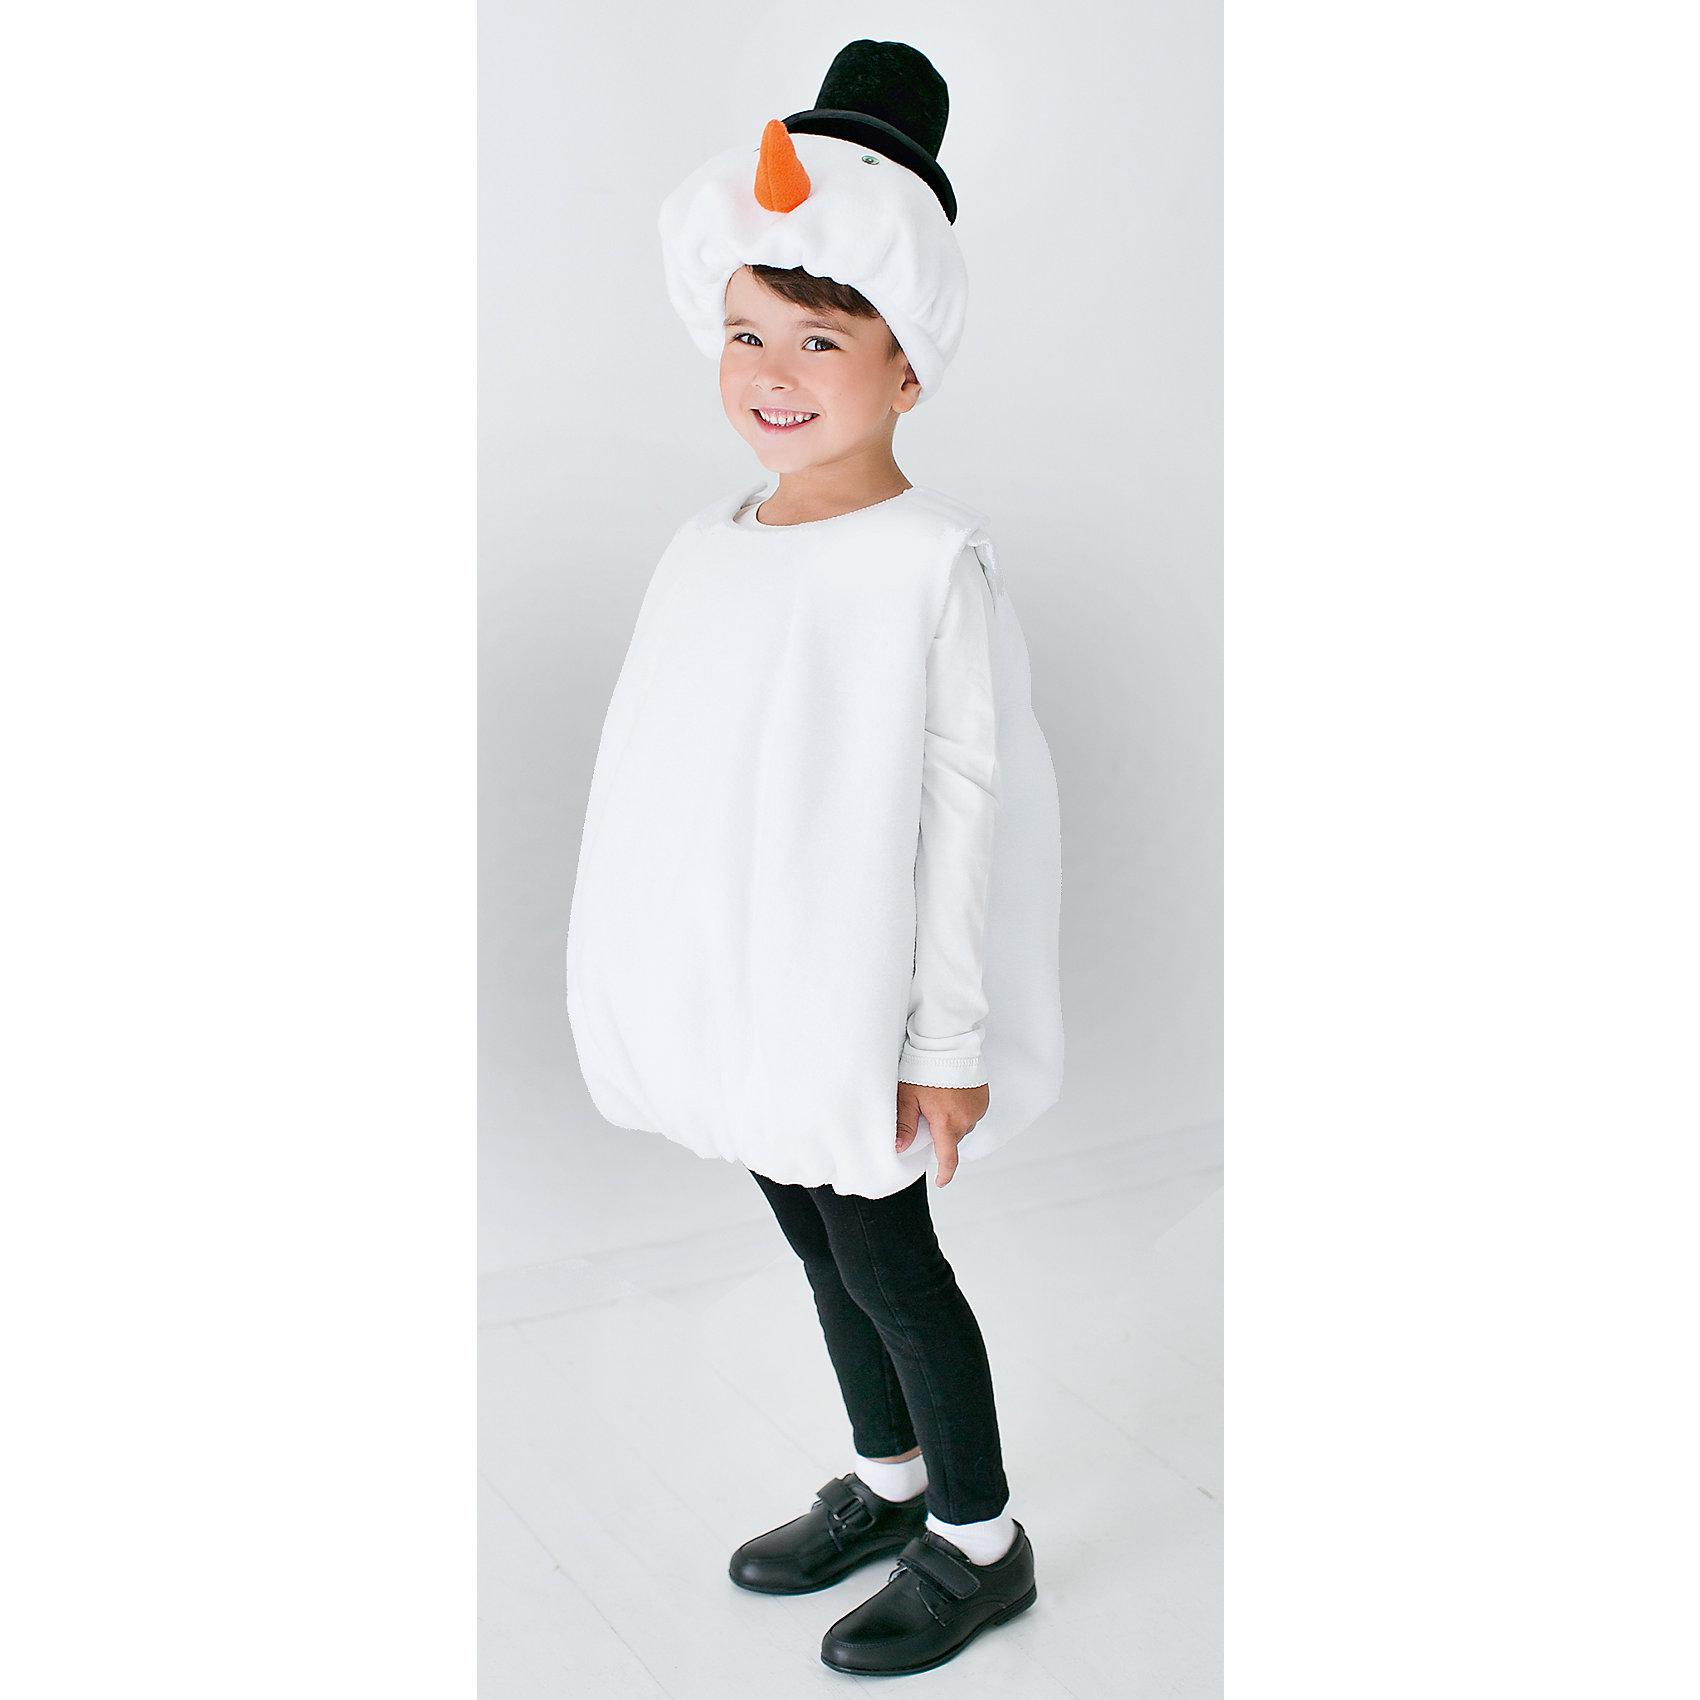 Карнавальный костюм для мальчика Снеговик, ВестификаКарнавальные костюмы и аксессуары<br>Карнавальный костюм для мальчика Снеговик. В комплект входит шапочка и комбинезон.<br>Состав:<br>Верх-100% полиэстер;<br>Подкладка-100% хлопок.<br><br>Ширина мм: 236<br>Глубина мм: 16<br>Высота мм: 184<br>Вес г: 177<br>Цвет: белый<br>Возраст от месяцев: 48<br>Возраст до месяцев: 72<br>Пол: Мужской<br>Возраст: Детский<br>Размер: 104/116,128/134<br>SKU: 4234715